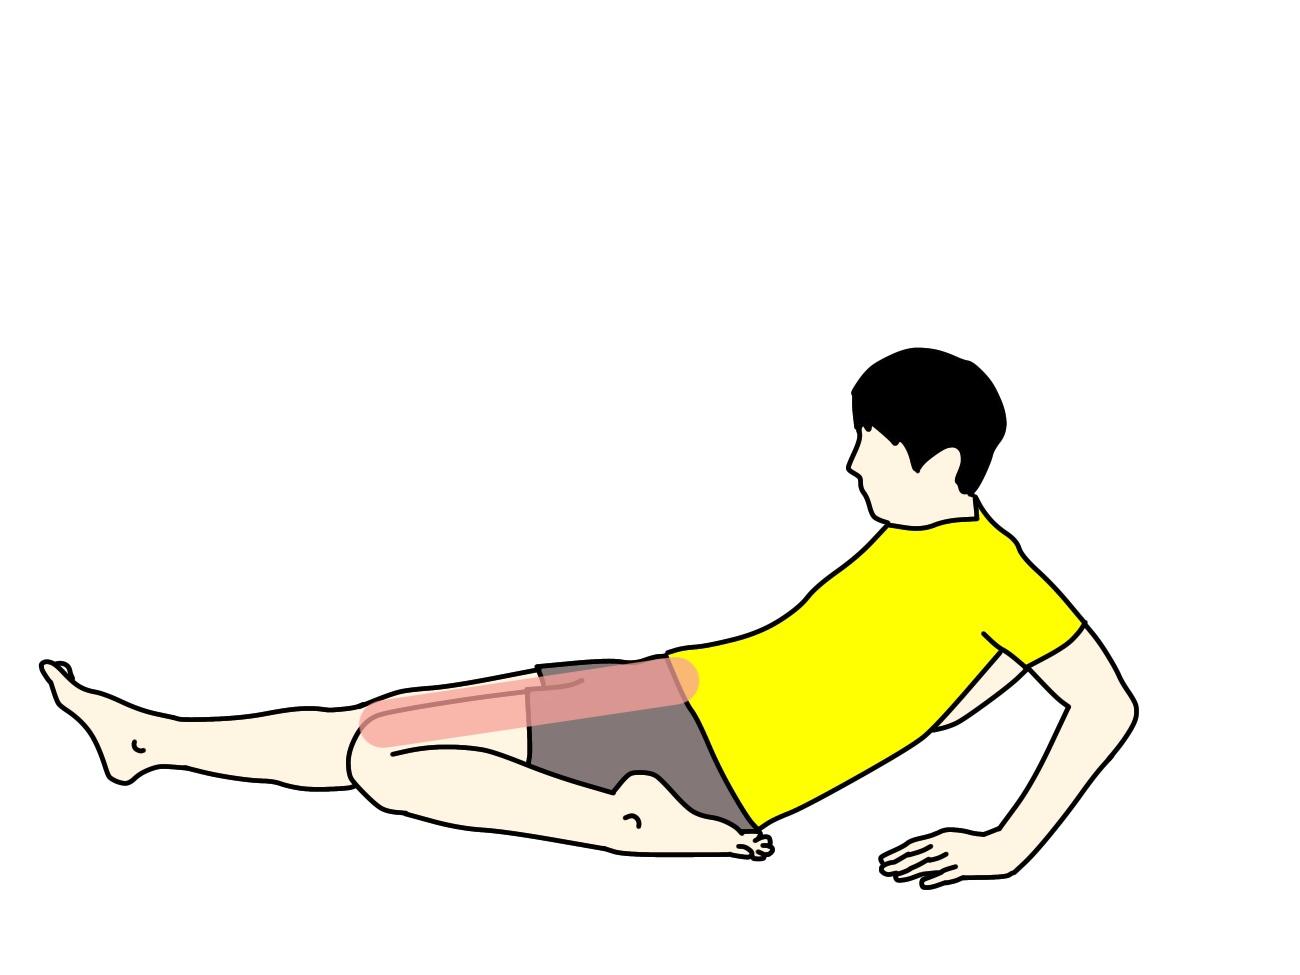 もも前(大腿四頭筋)の筋肉の伸ばし方